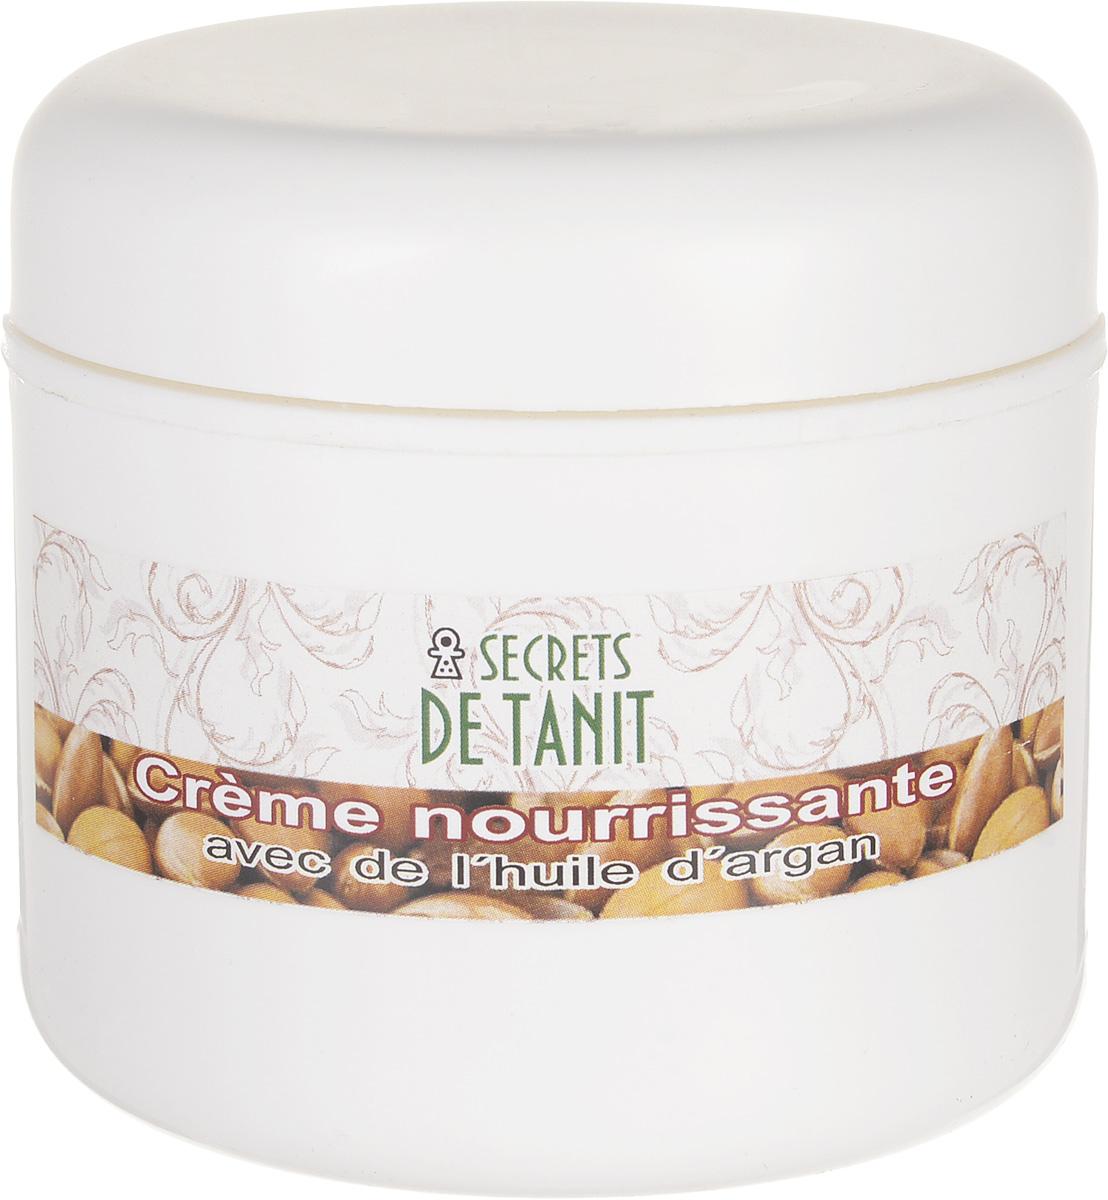 Secrets de Tanit Крем питательный для лица и шеи с маслом арганы, 100 г819Суперпитательный крем для лица и шеи с маслом арганы омолаживает и питает кожу благодаря высокому содержанию эссенциальных жирных кислот и максимальному количеству витамина E. Крем повышает эластичность и упругость кожи, предотвращает дальнейшее старение, разглаживает неглубокие морщины.